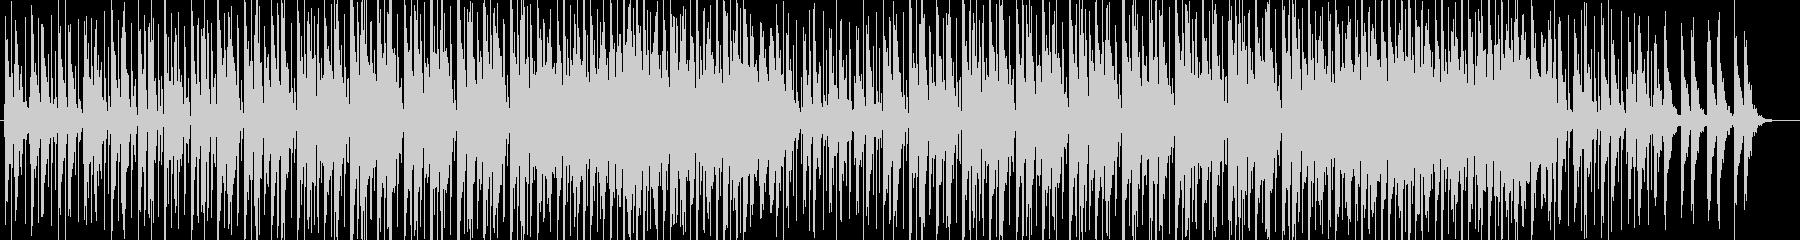 軽快・映像・解説・ナレーション用の未再生の波形